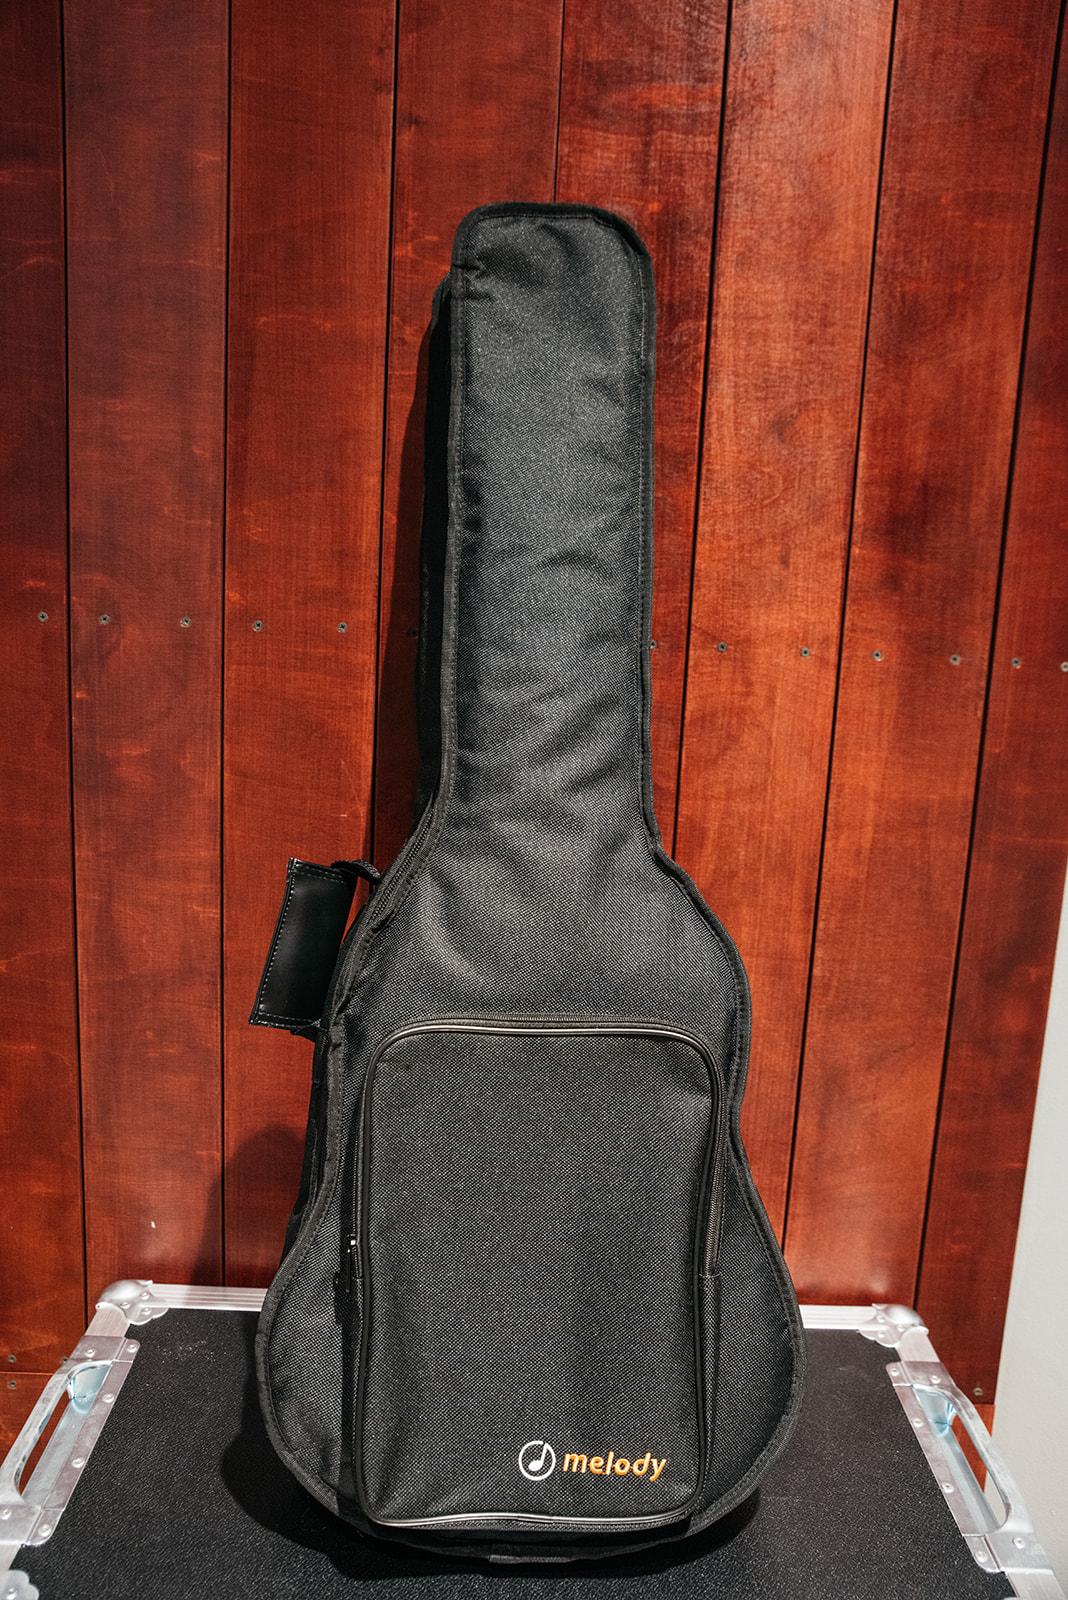 Melody 3/4 Classical Guitar Gig Bag Black